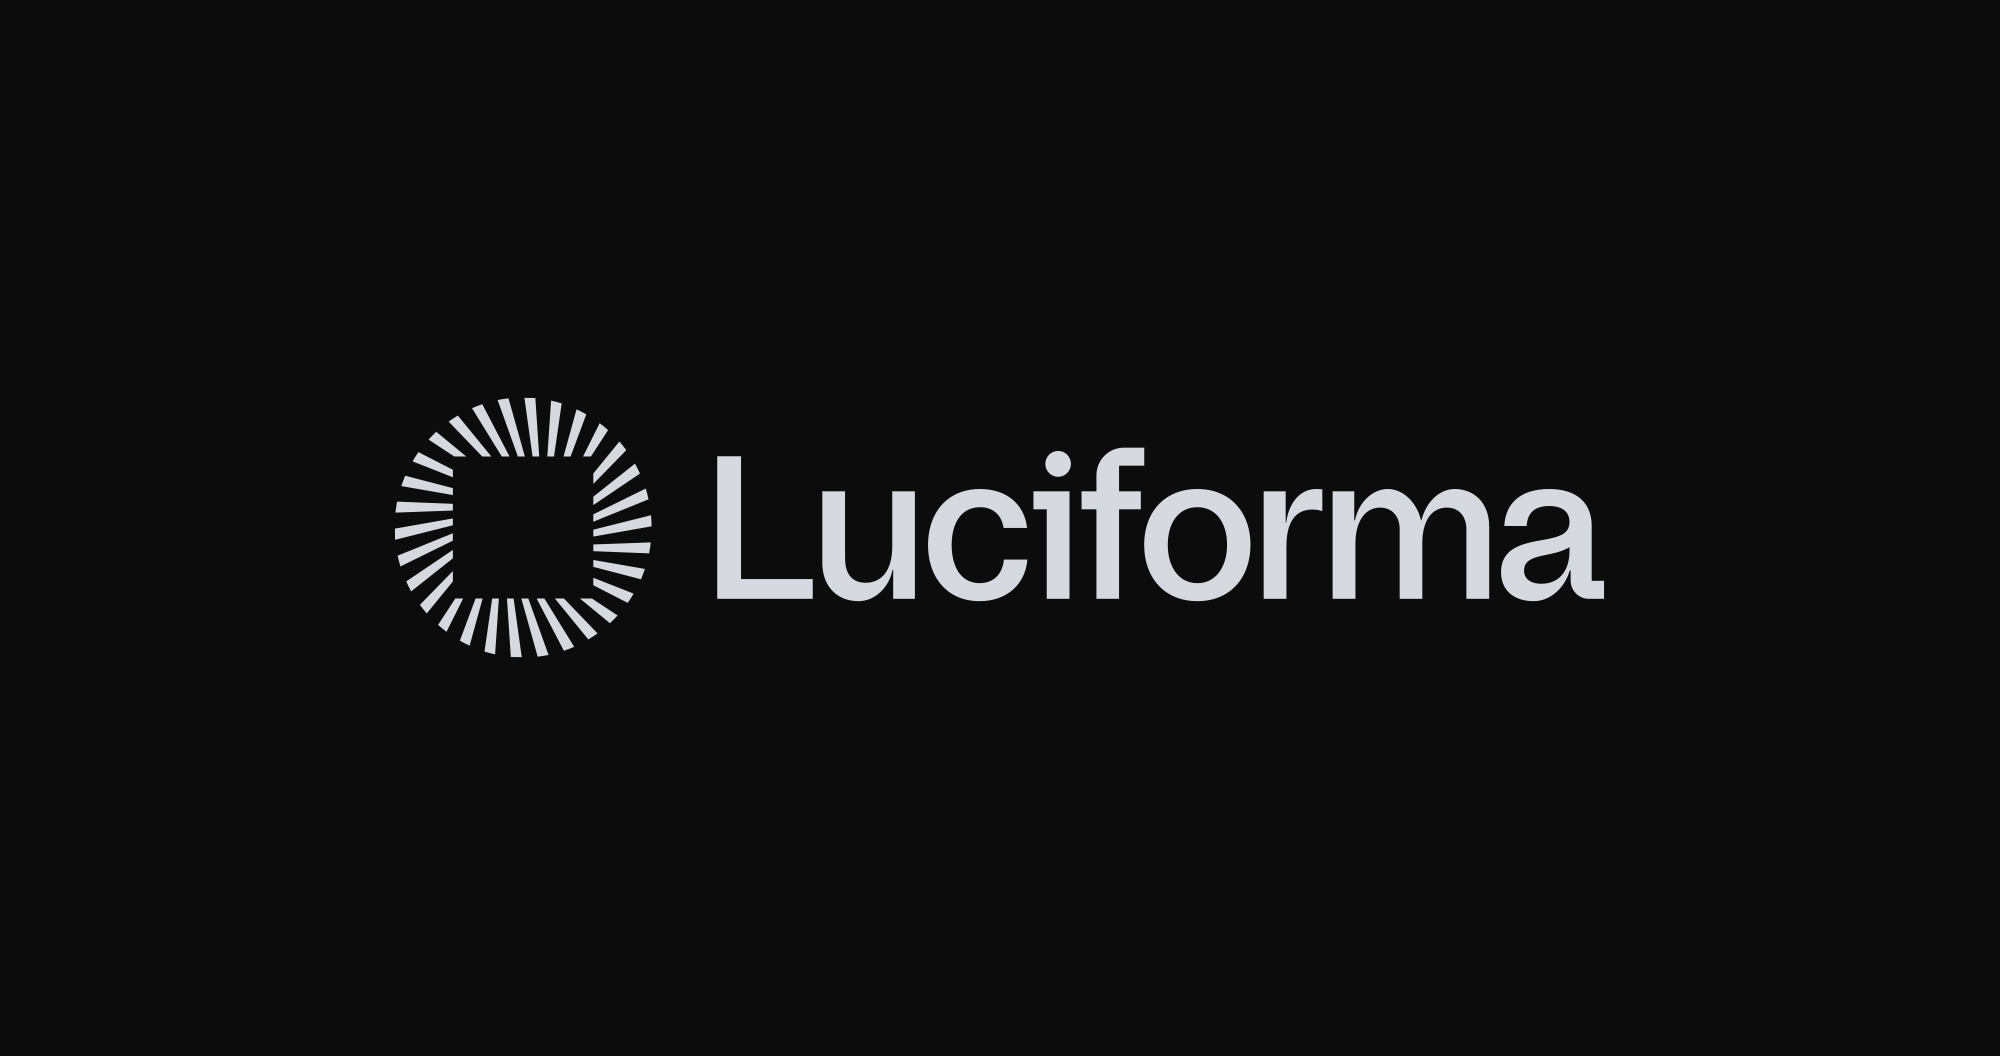 Luciforma's redesigned logo